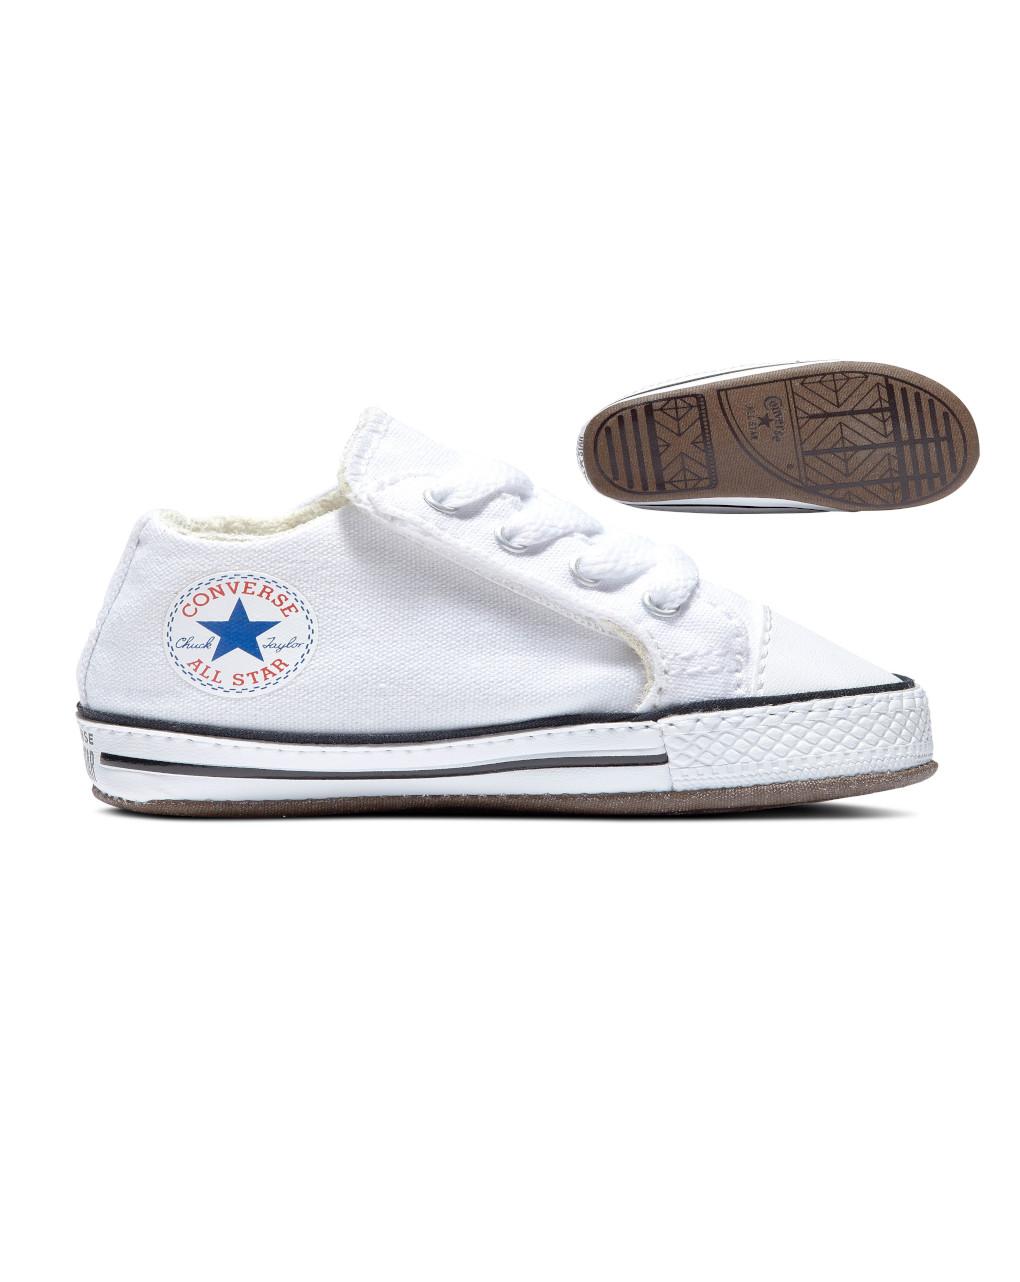 Αθλητικά Παπούτσια Chuck Taylor All Star 865157C για Αγόρι